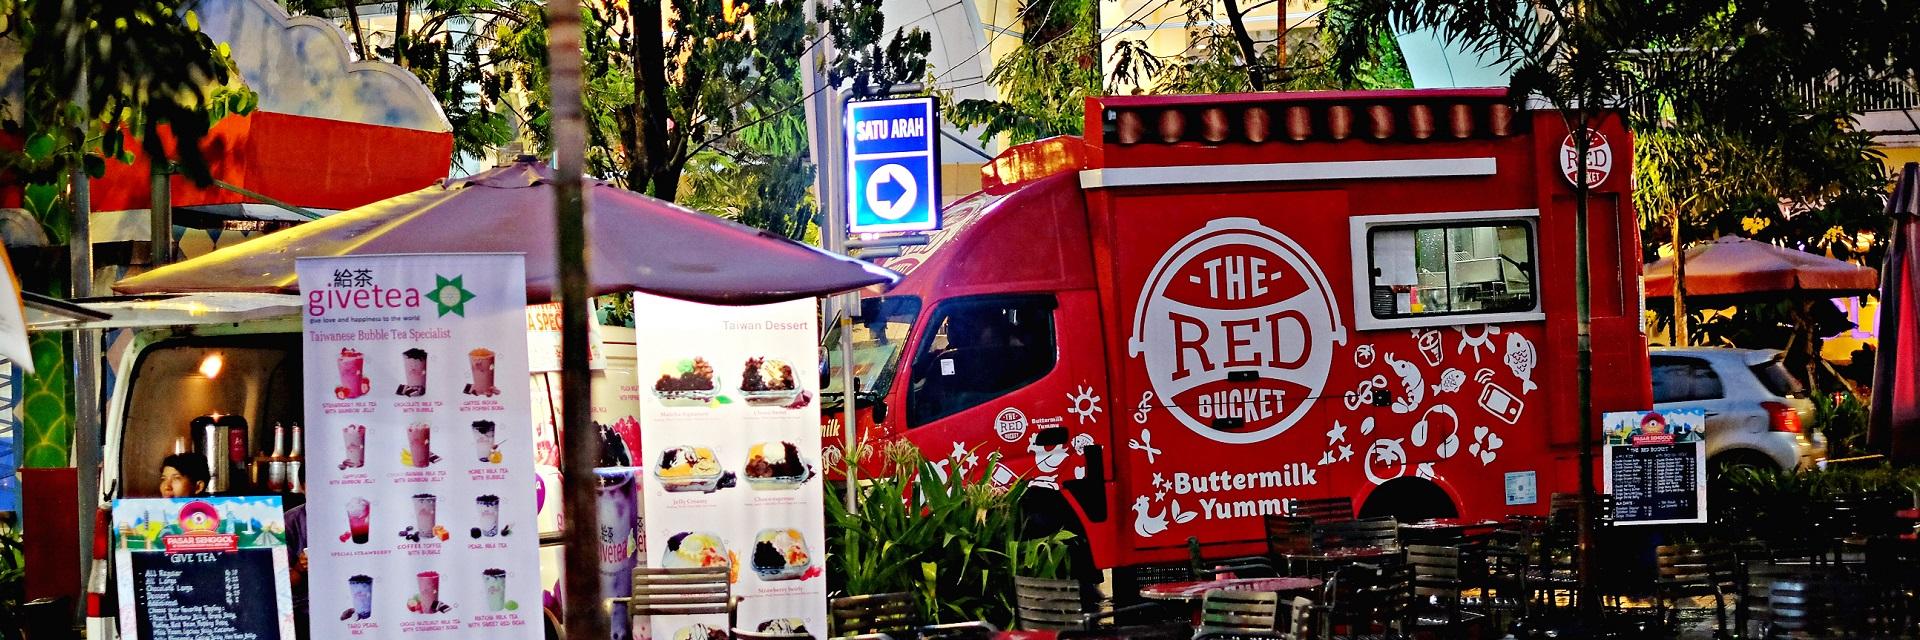 Food Truck Malang, Malang, Dolan Dolen, Dolaners Food Truck Malag via MRS - Dolan Dolen